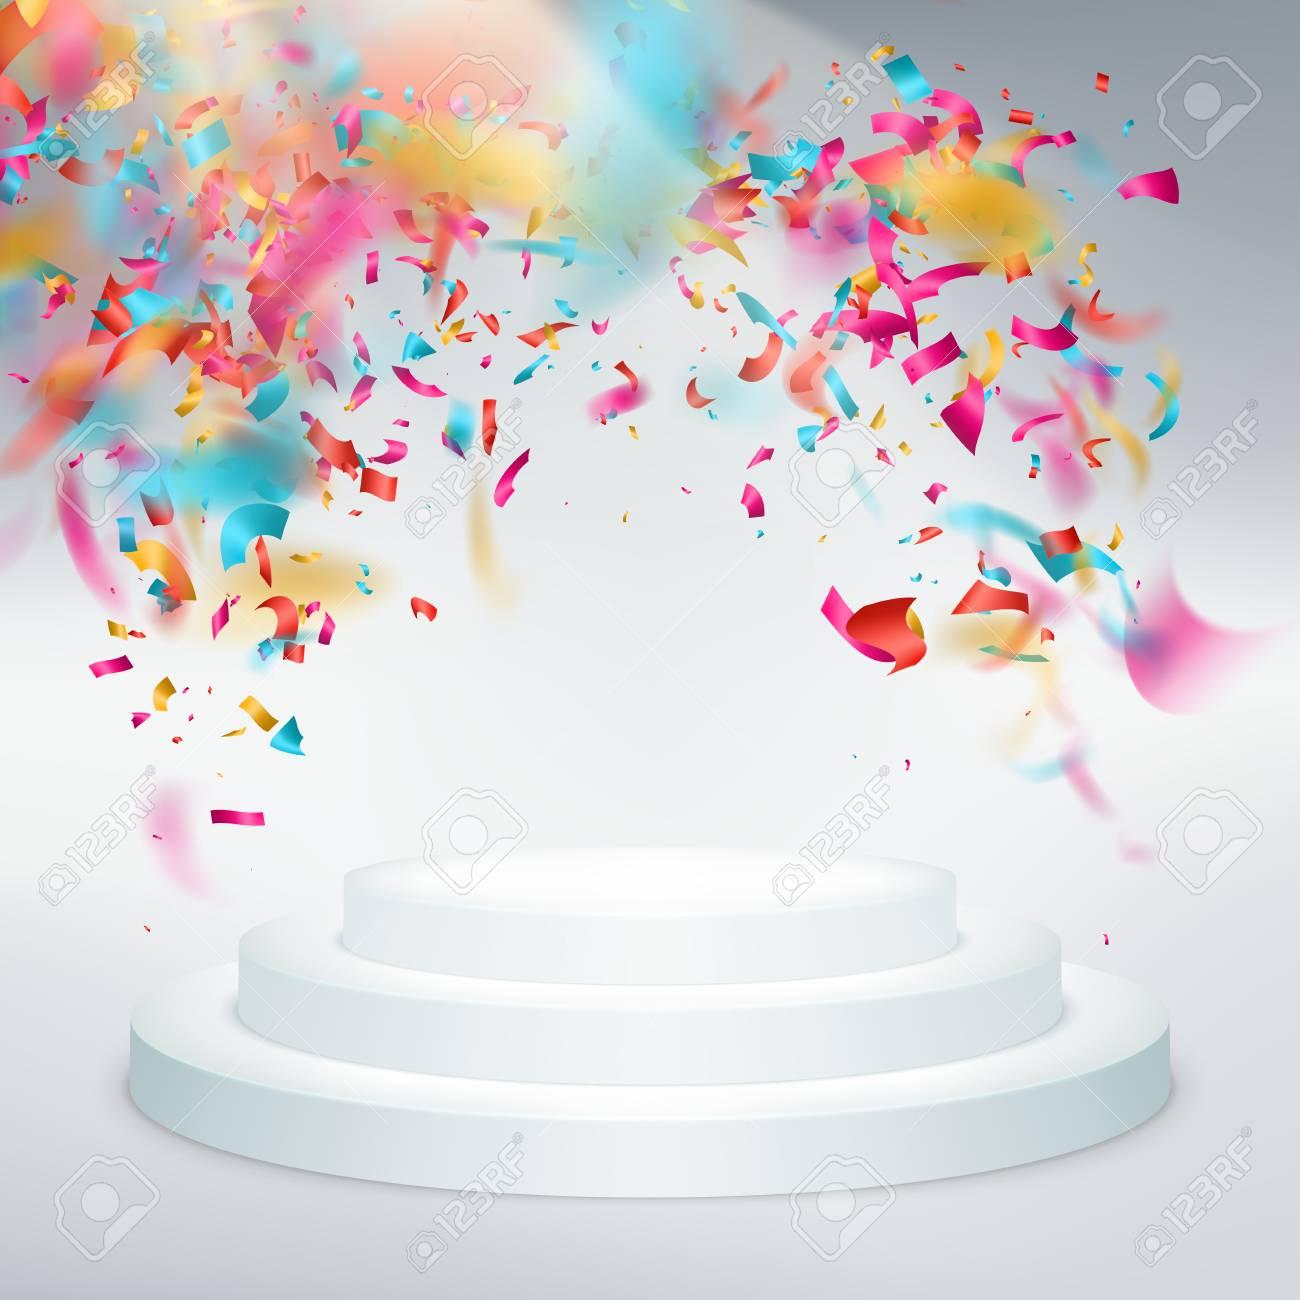 光線と勝者の表彰台紙吹雪パーティやお祭りイラストのイラスト素材